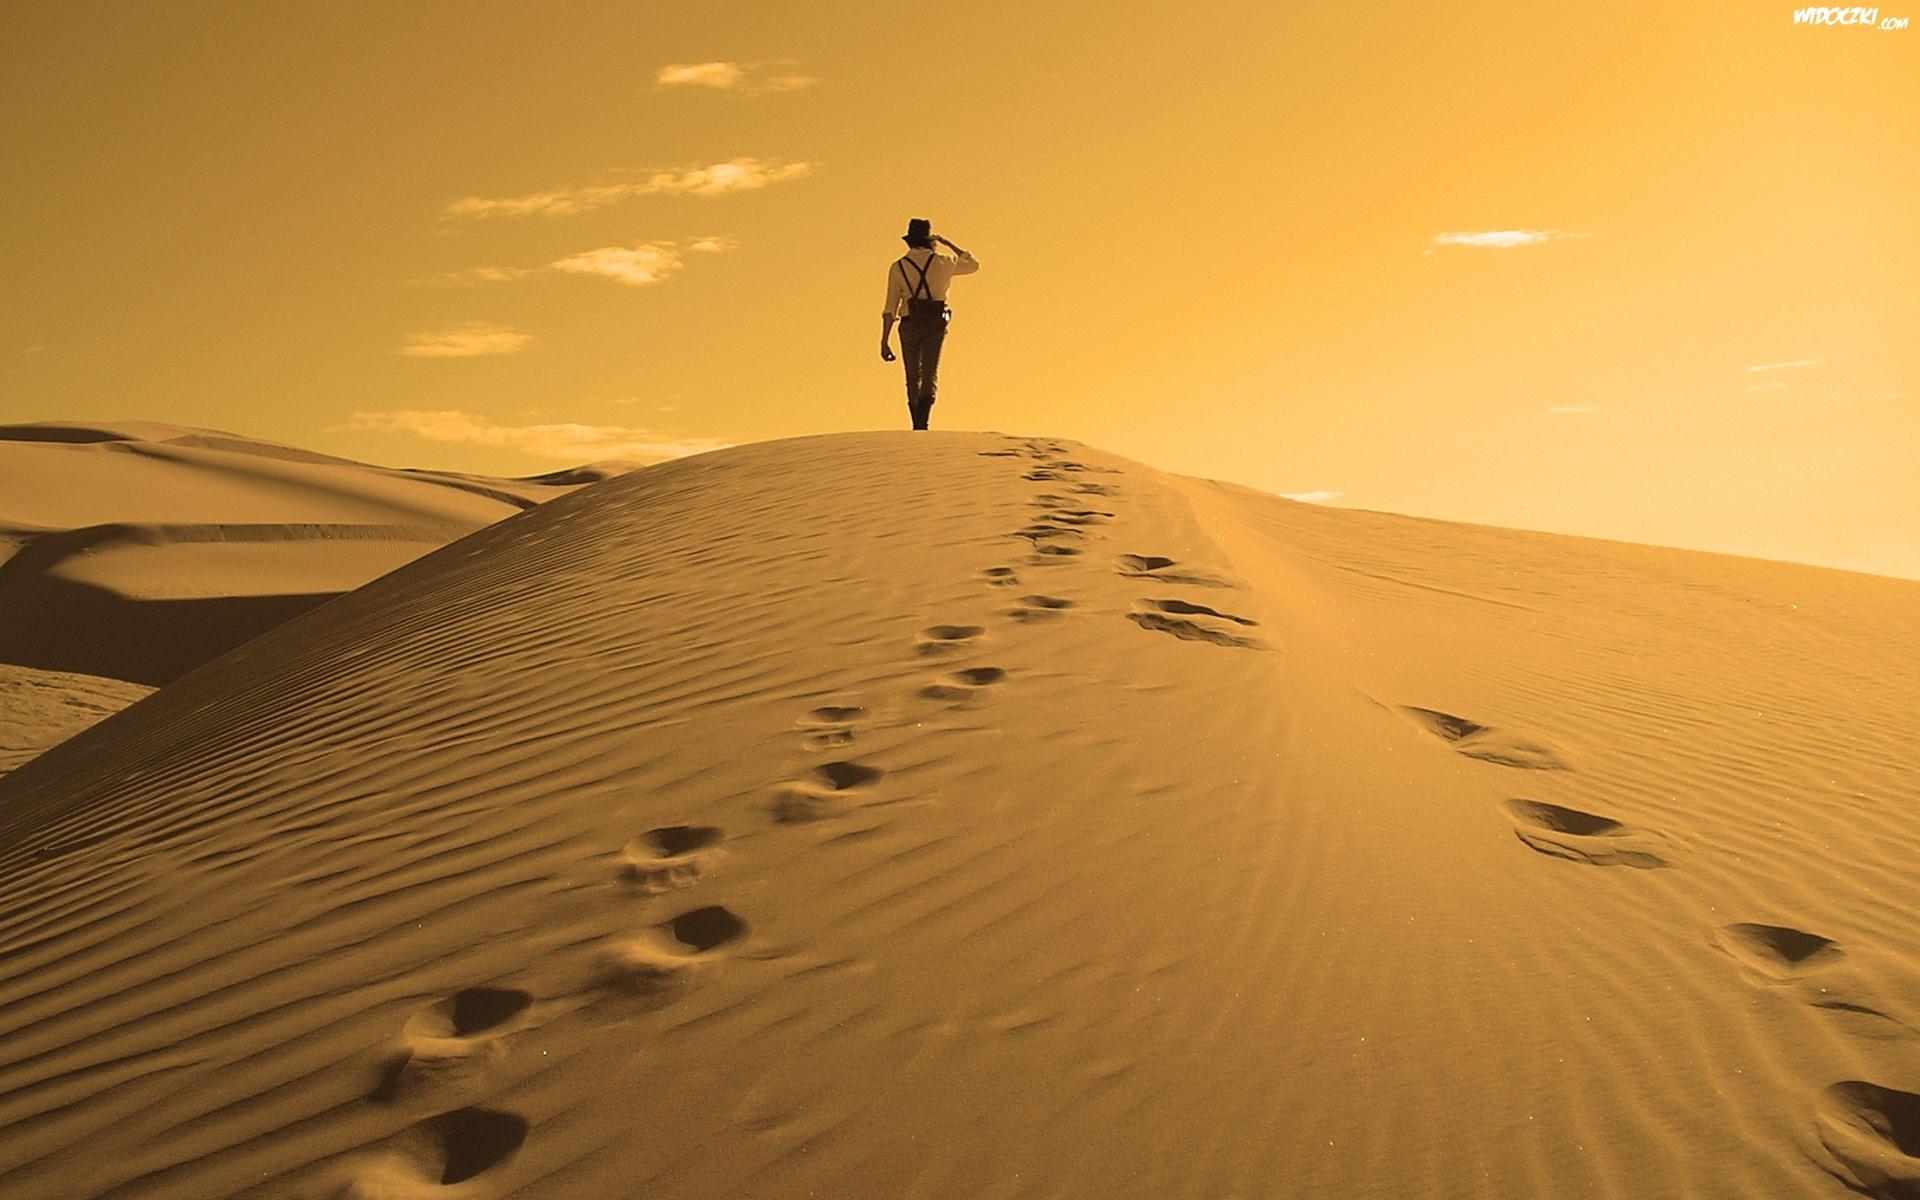 lady-pustynia-czlowiek.jpeg